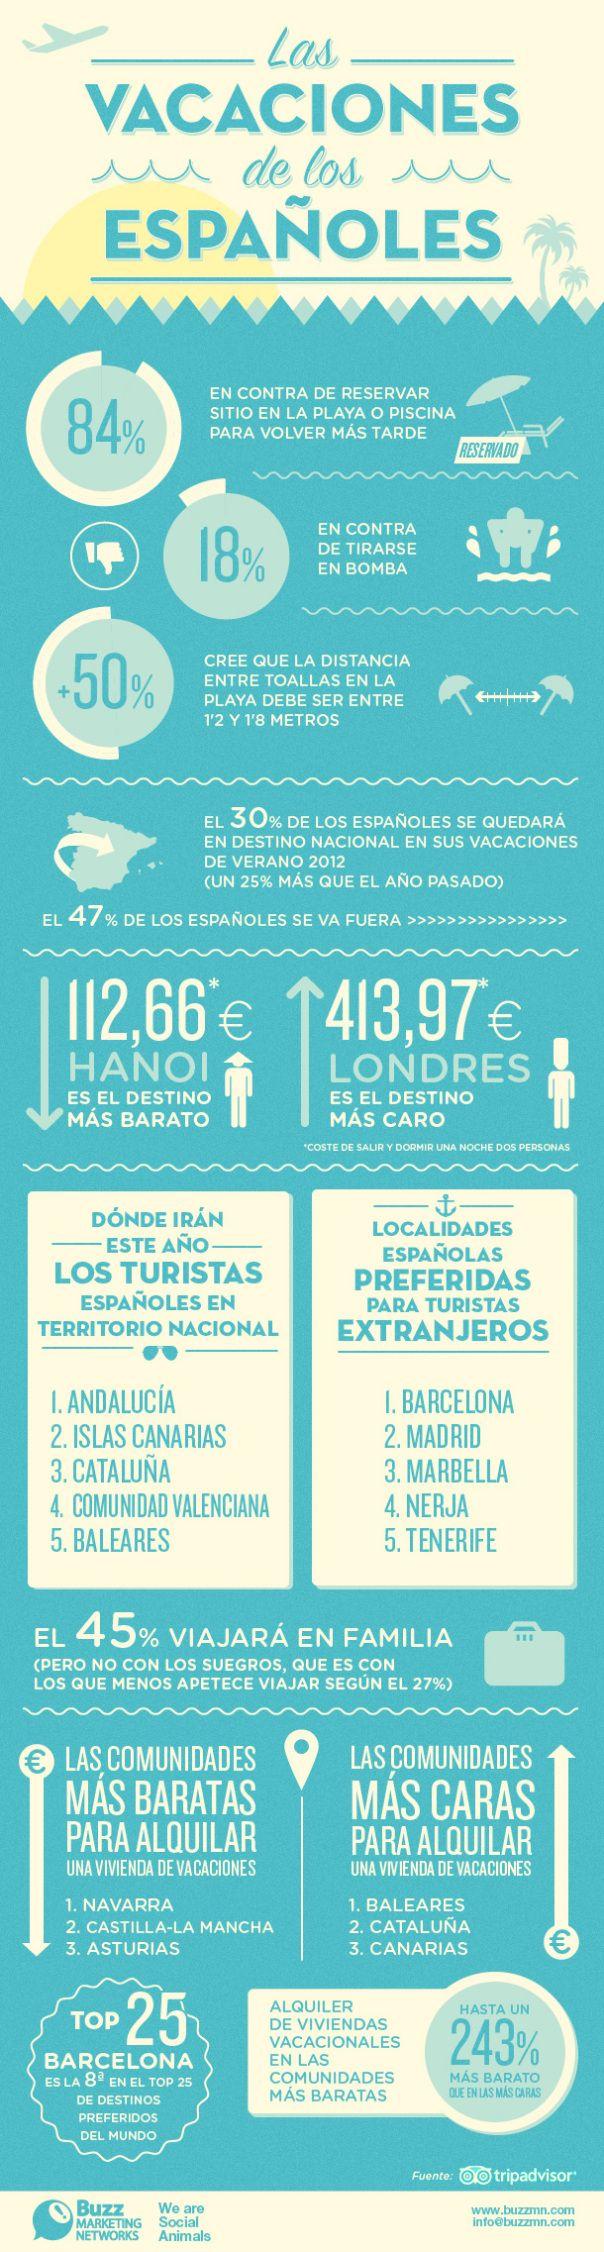 #Infografia vaciones españoles - #Viajology